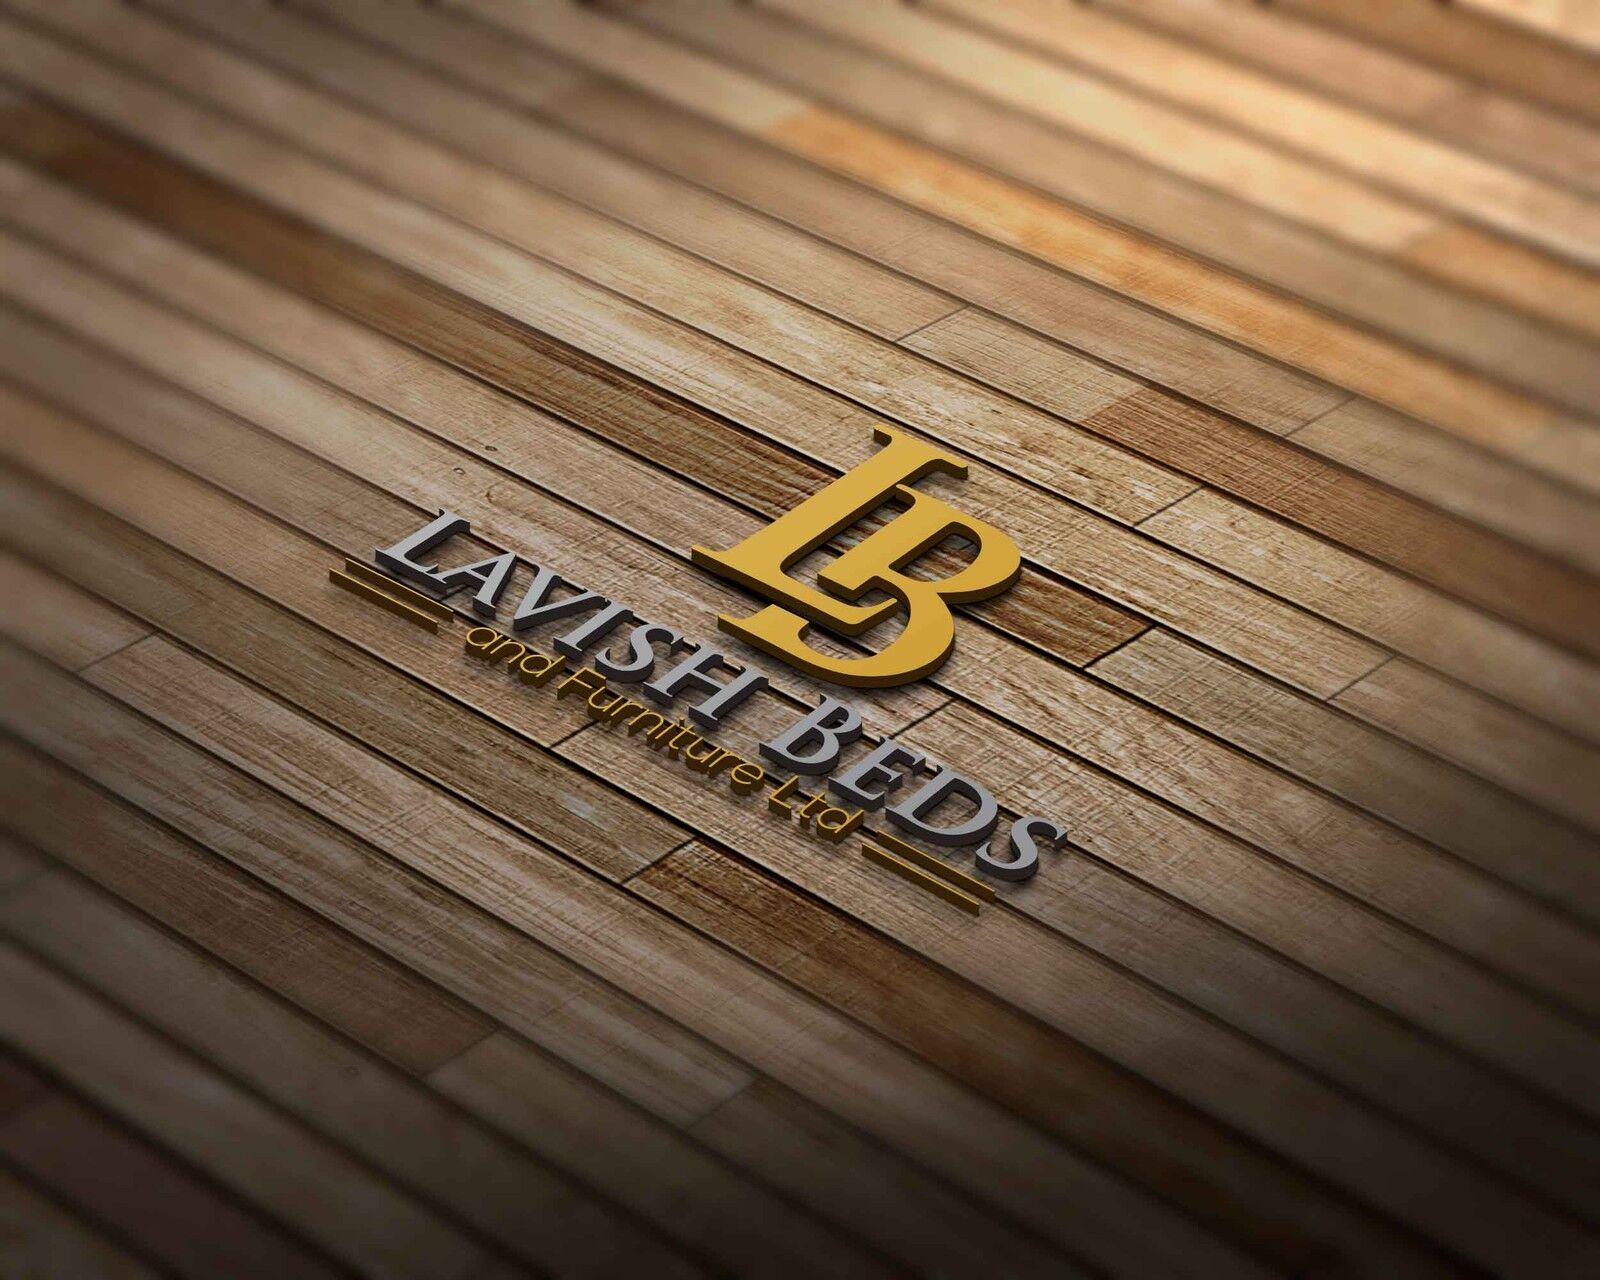 lavishbeds2014